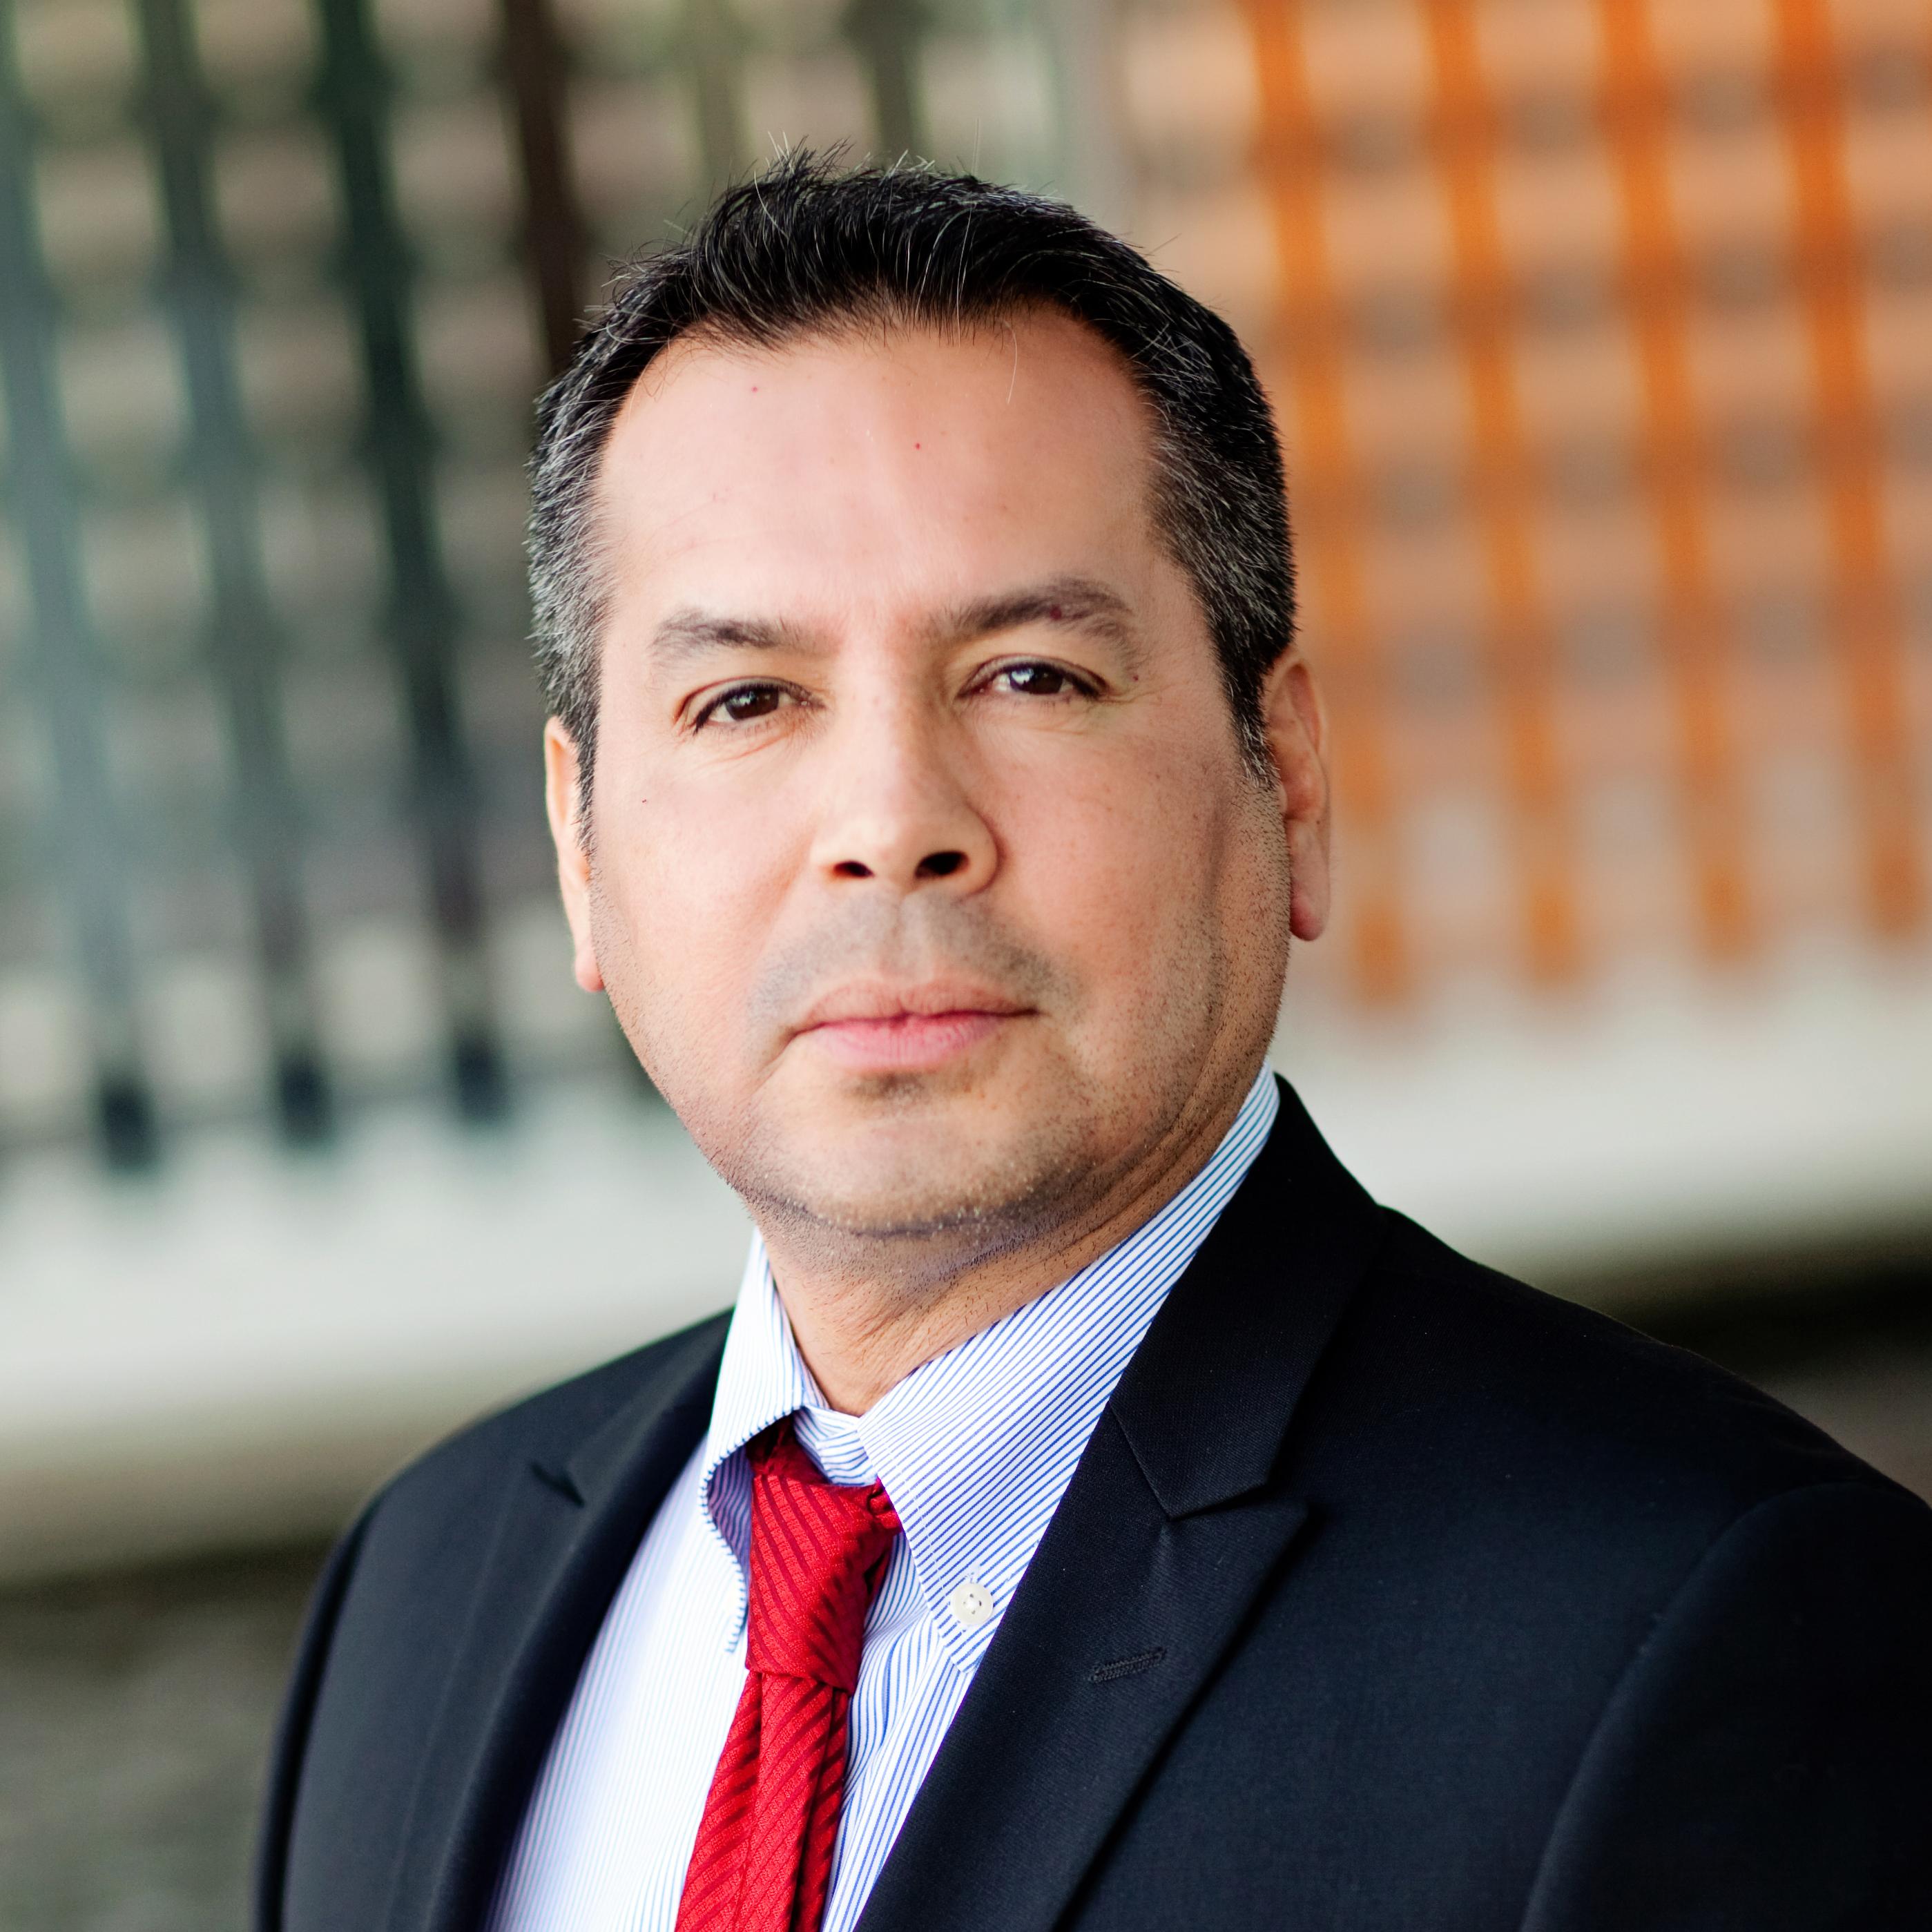 Joe Jacovo